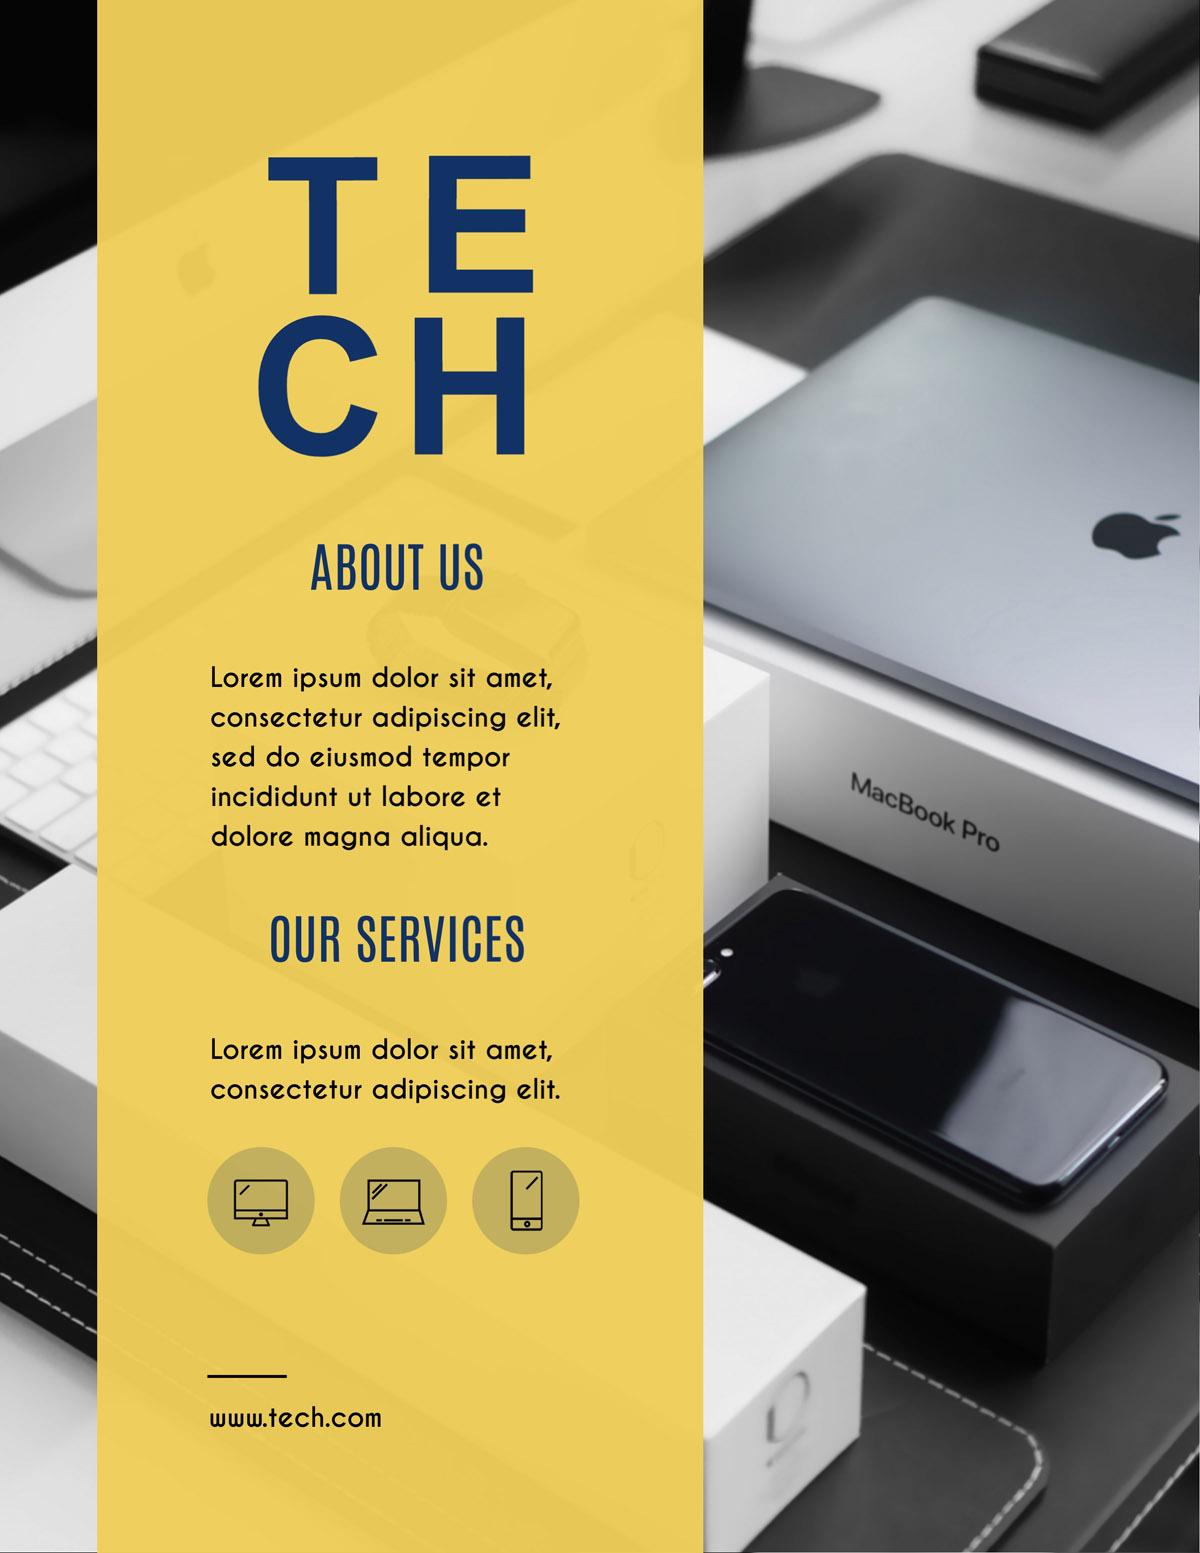 flyer templates - technology